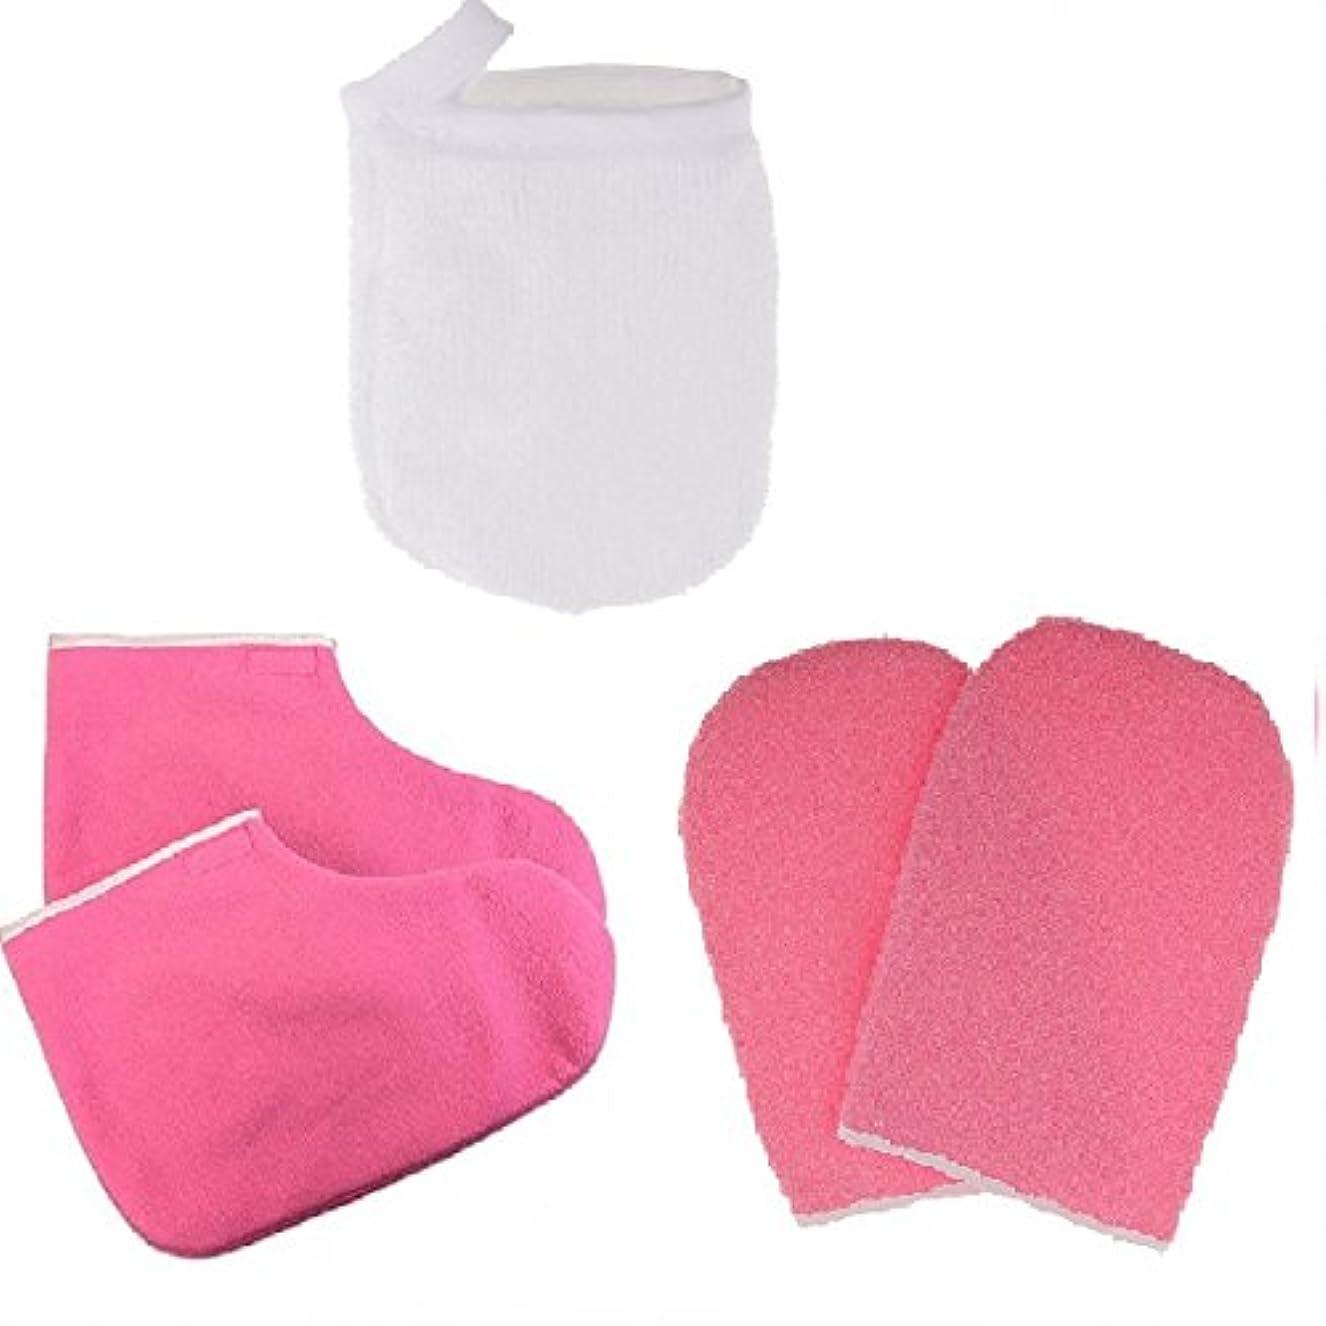 ドック実際の理論的Homyl グローブ 手袋 パラフィンワックス保護手袋 メイクリムーバー パラフィンワックス手袋 サロン 自宅用